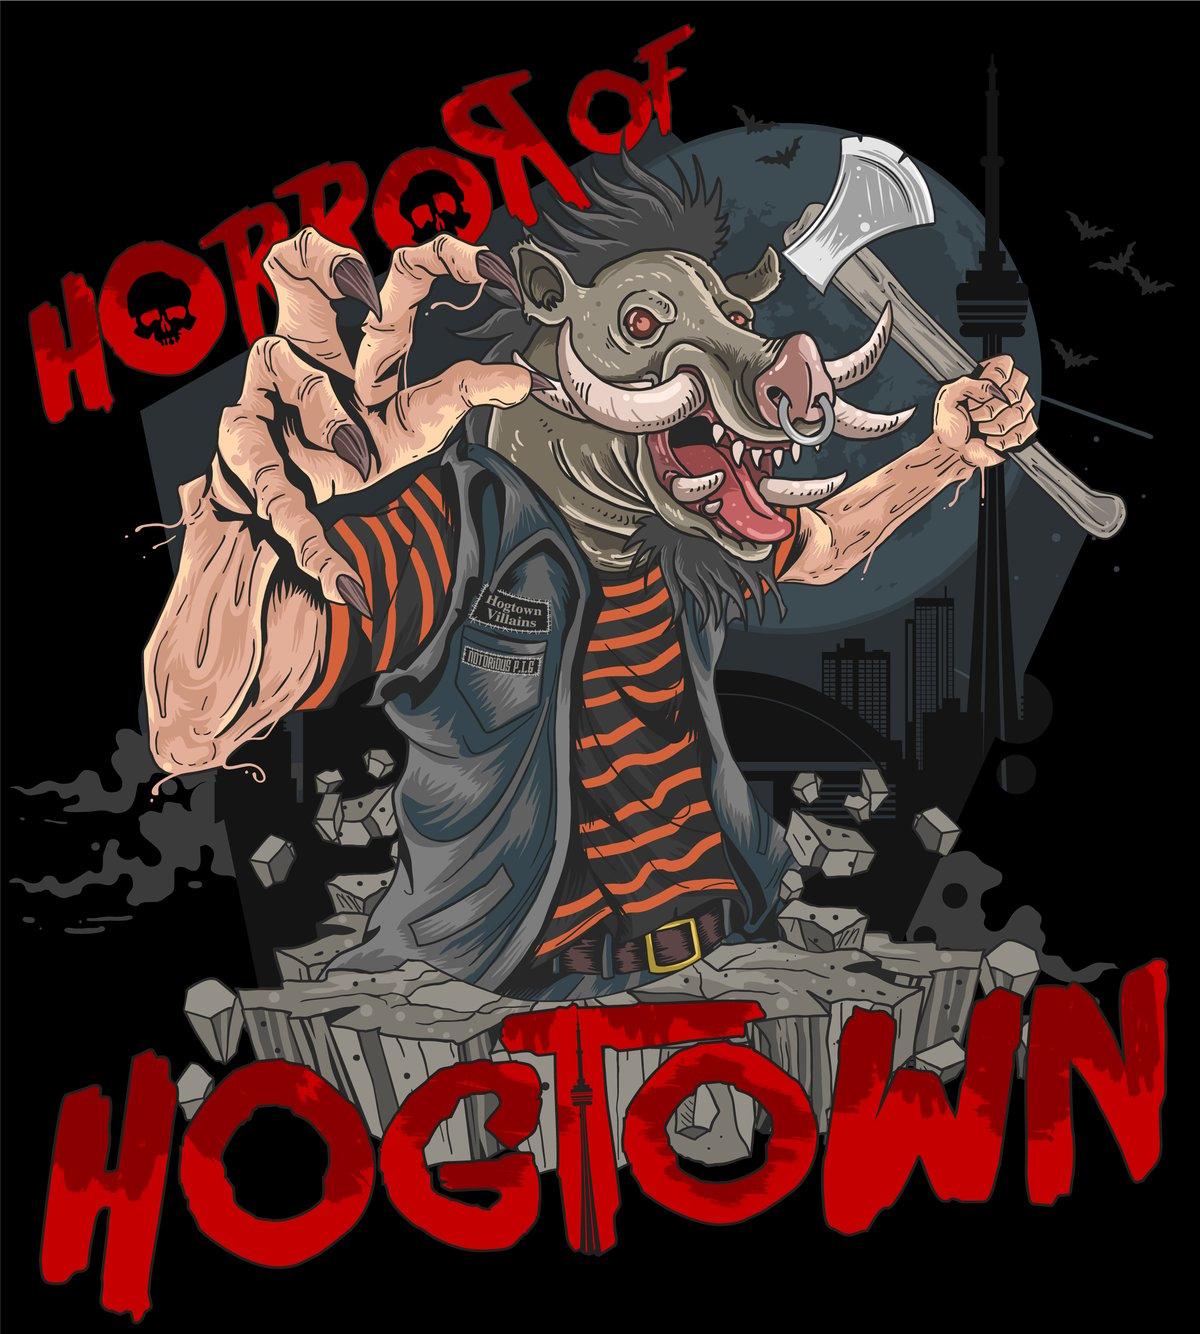 Horror of Hogtown